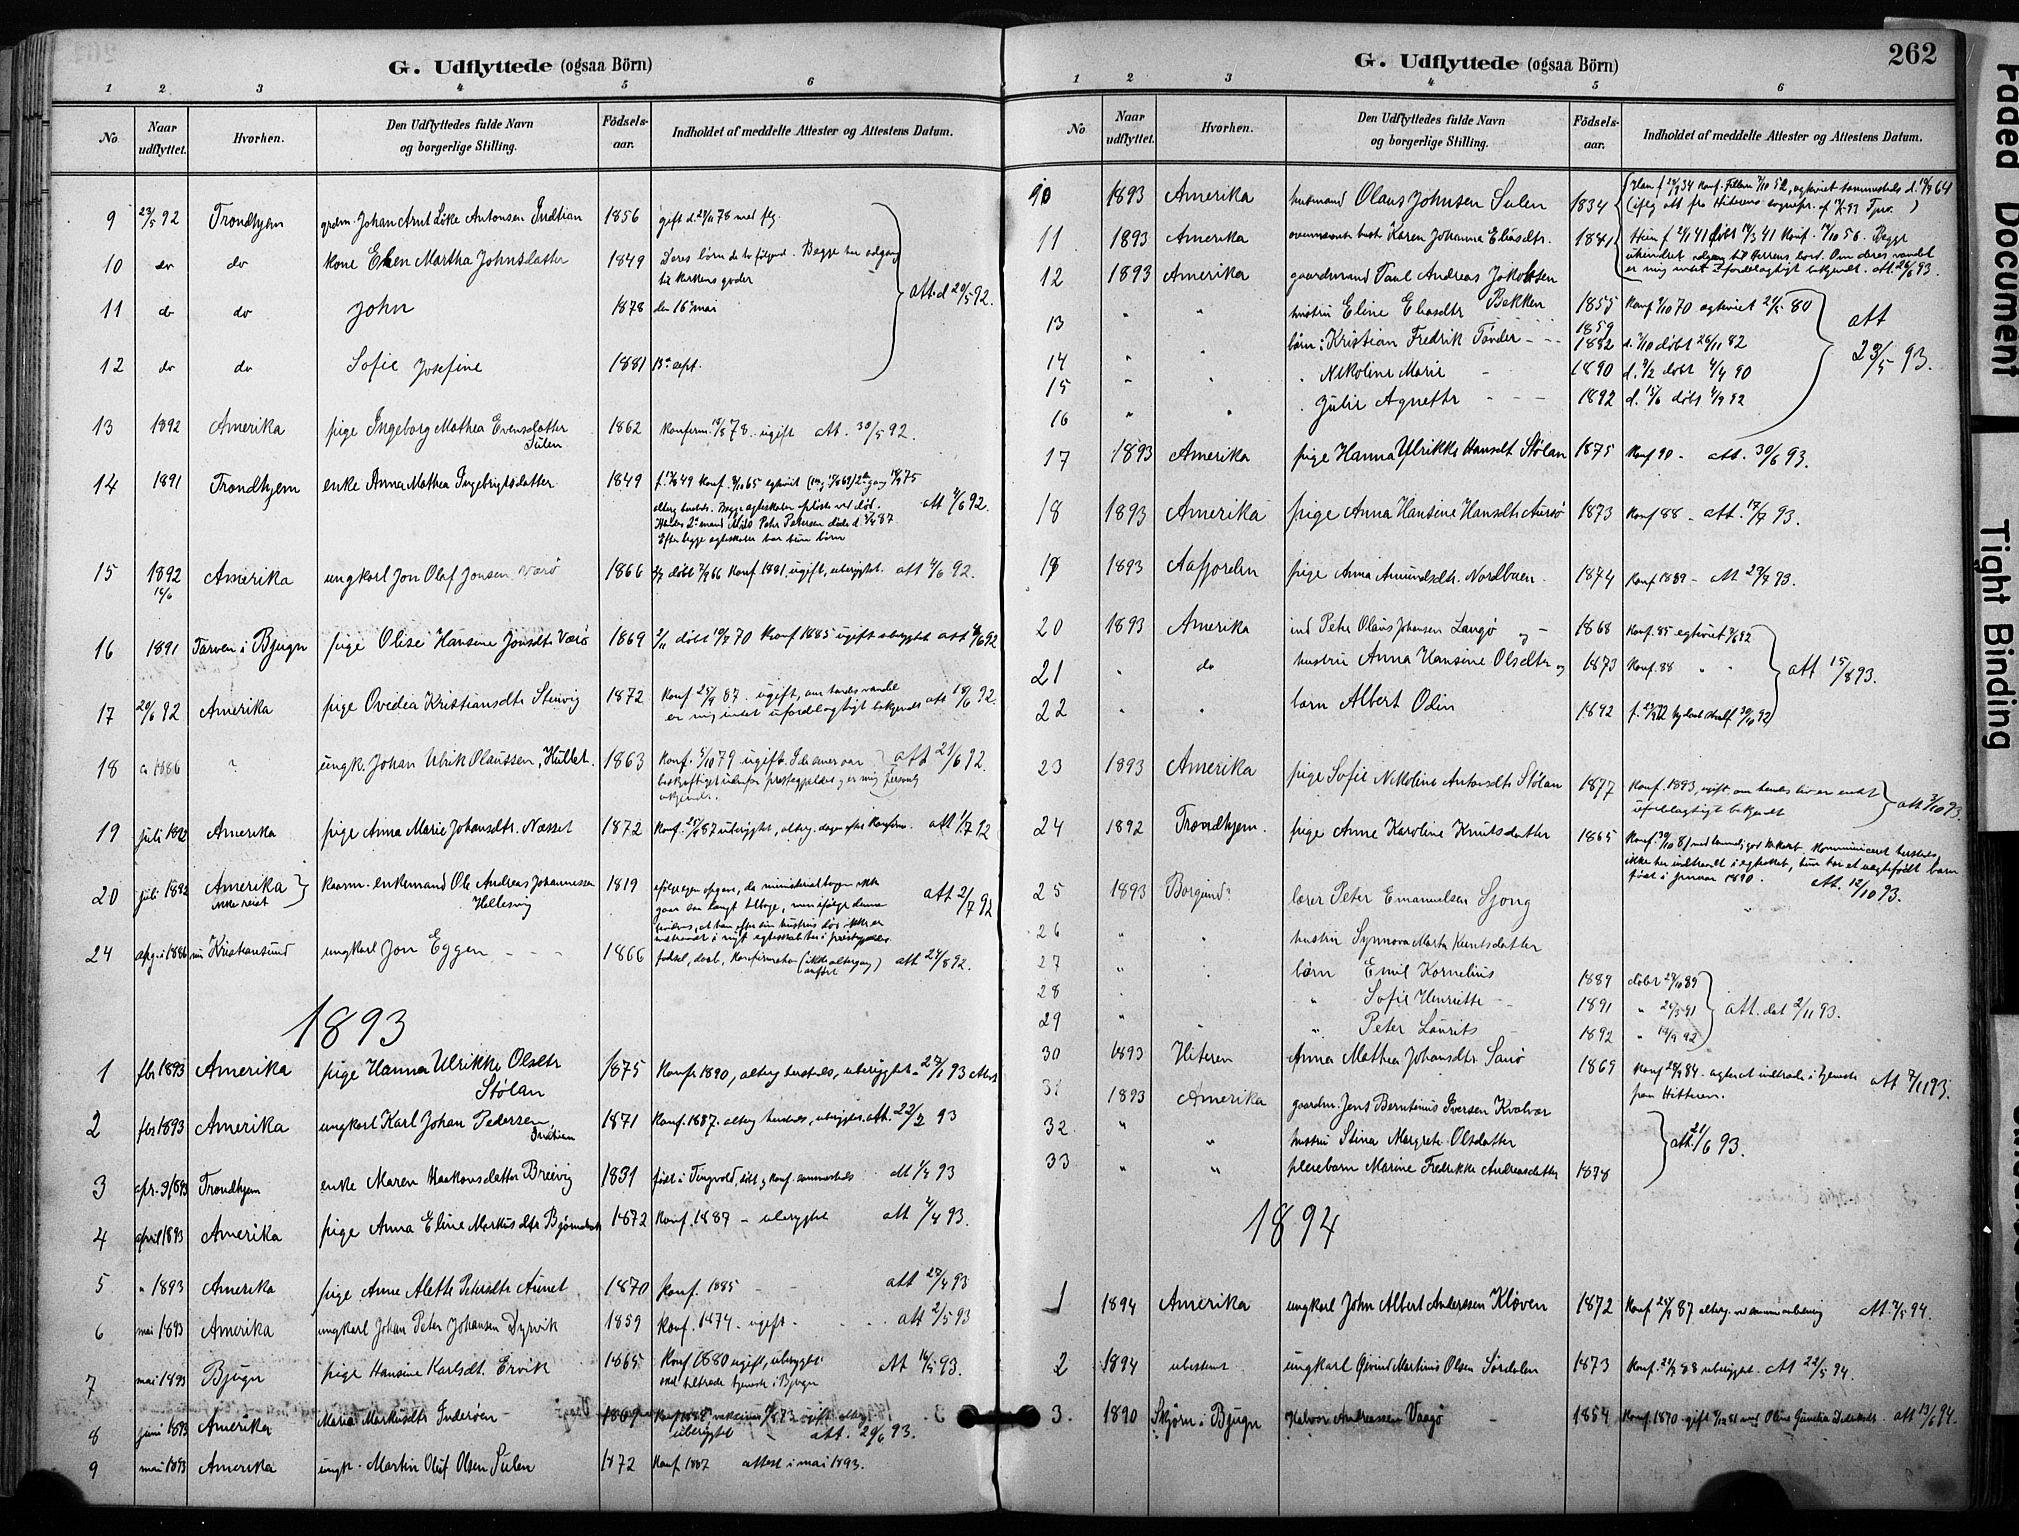 SAT, Ministerialprotokoller, klokkerbøker og fødselsregistre - Sør-Trøndelag, 640/L0579: Ministerialbok nr. 640A04, 1889-1902, s. 262